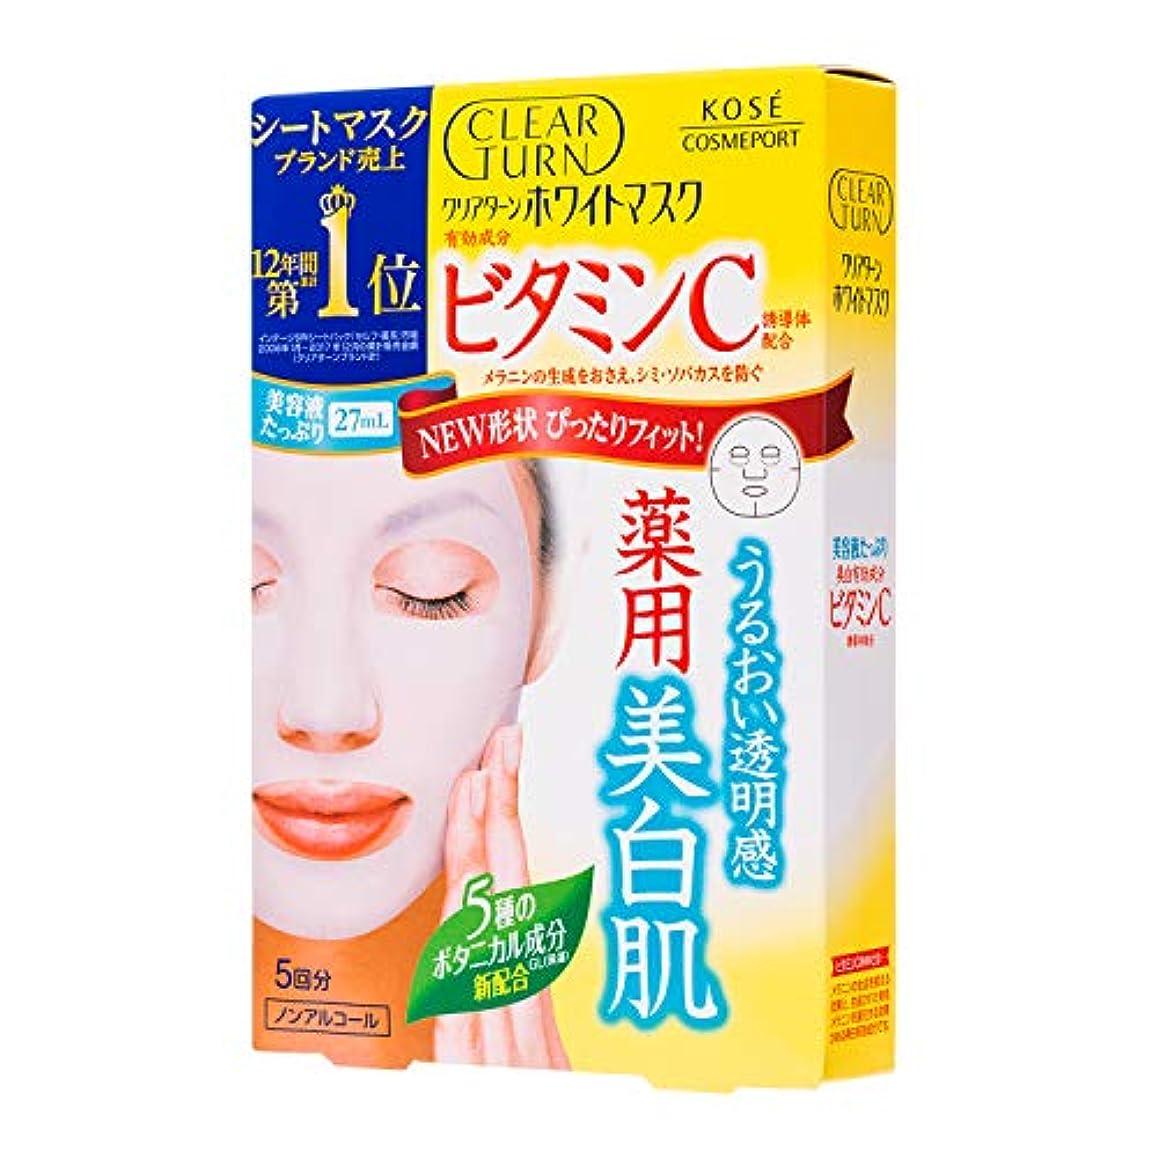 泣き叫ぶ汚染旧正月KOSE コーセー クリアターン ホワイト マスク VC (ビタミンC) 5枚 フェイスマスク